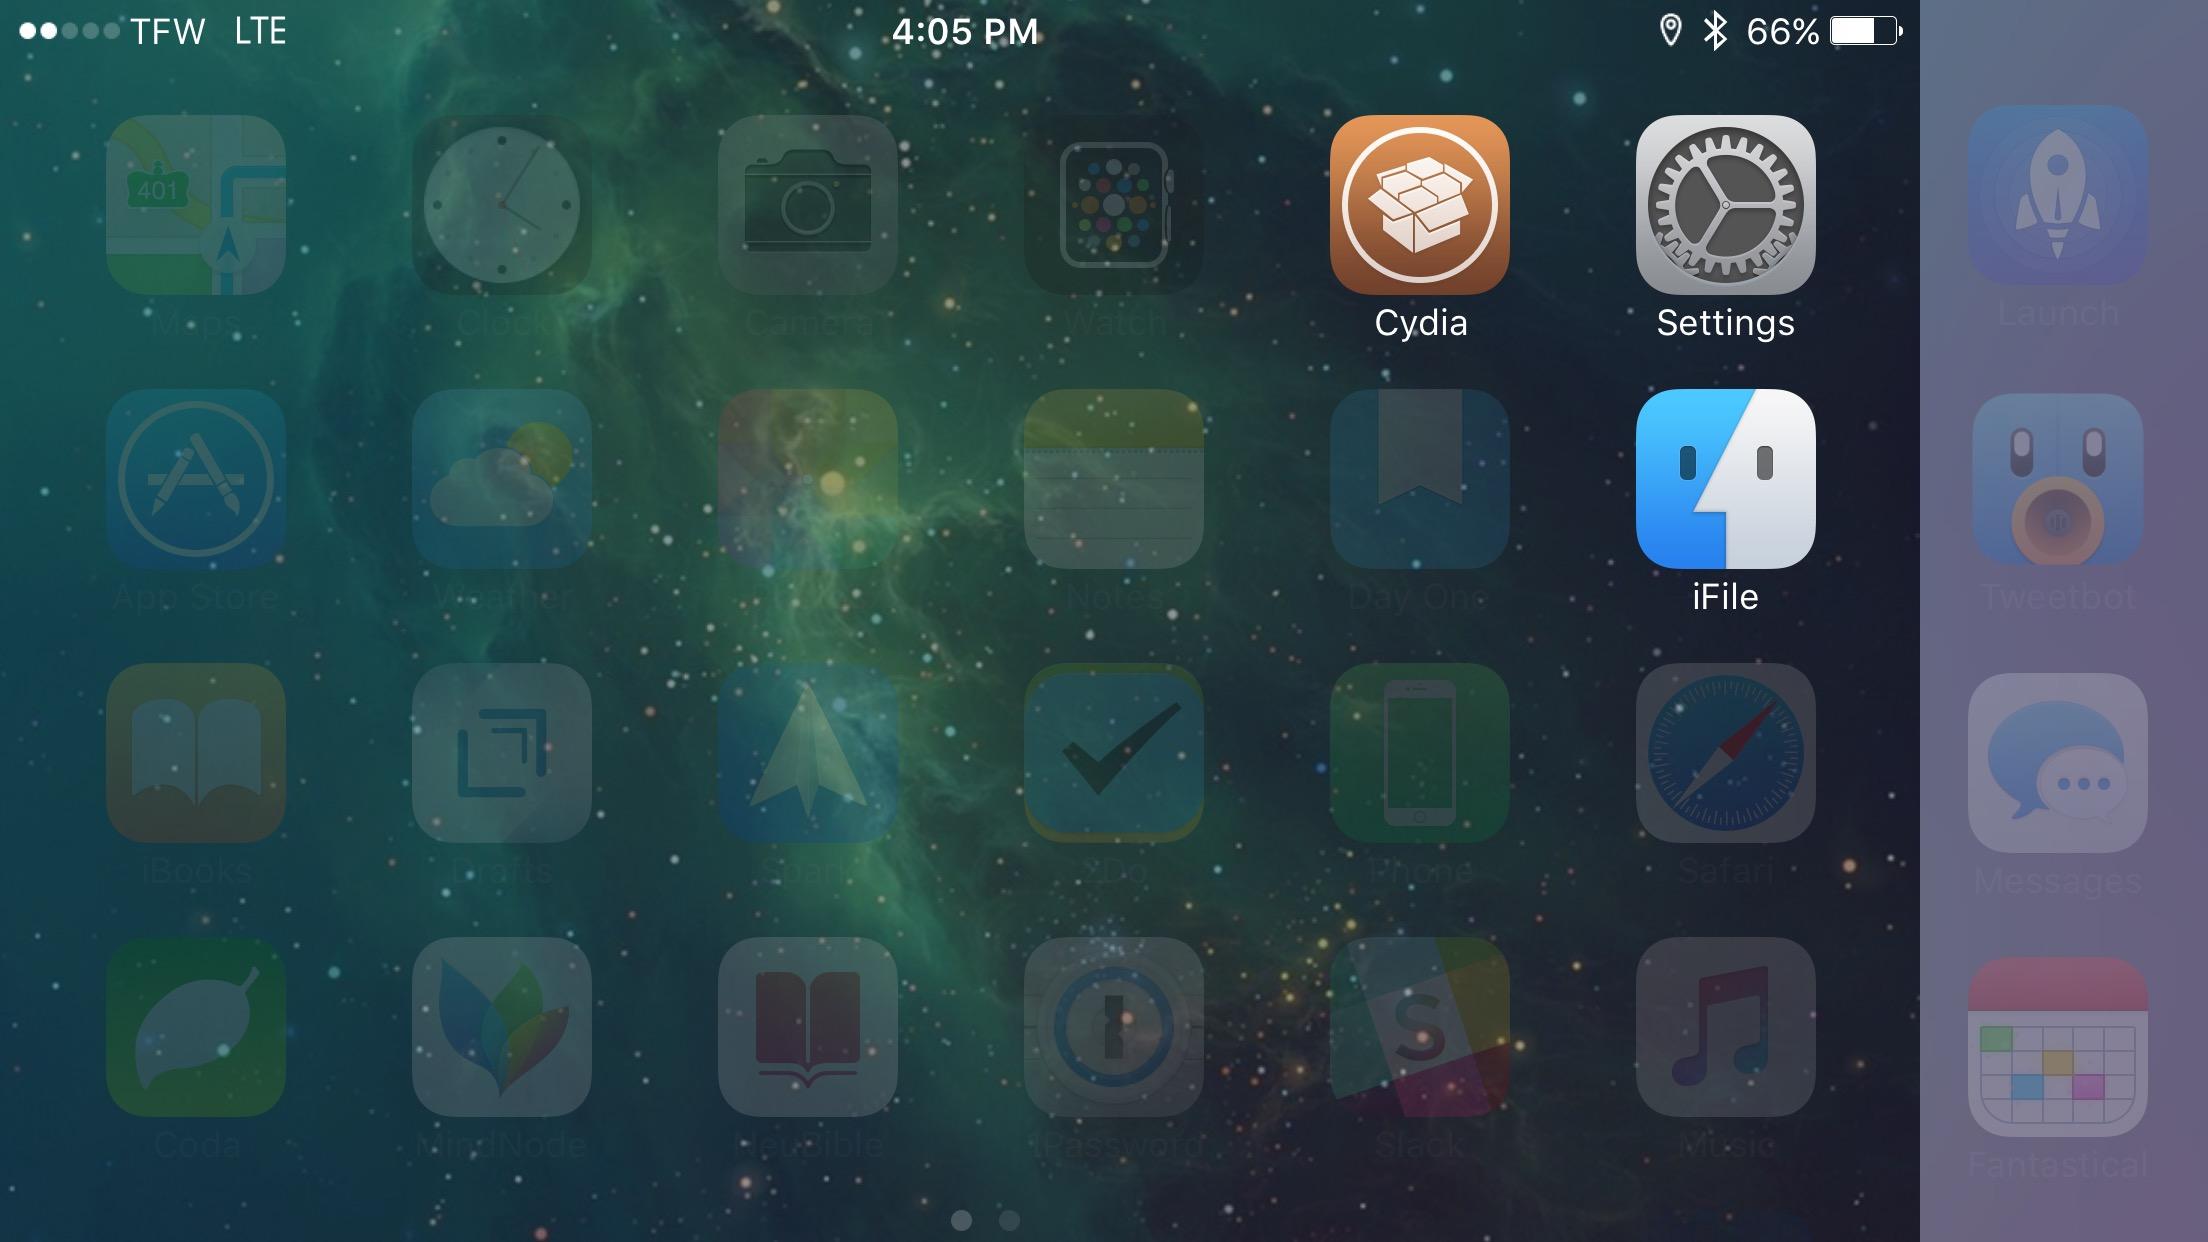 Apex-2-iOS-9-landscape